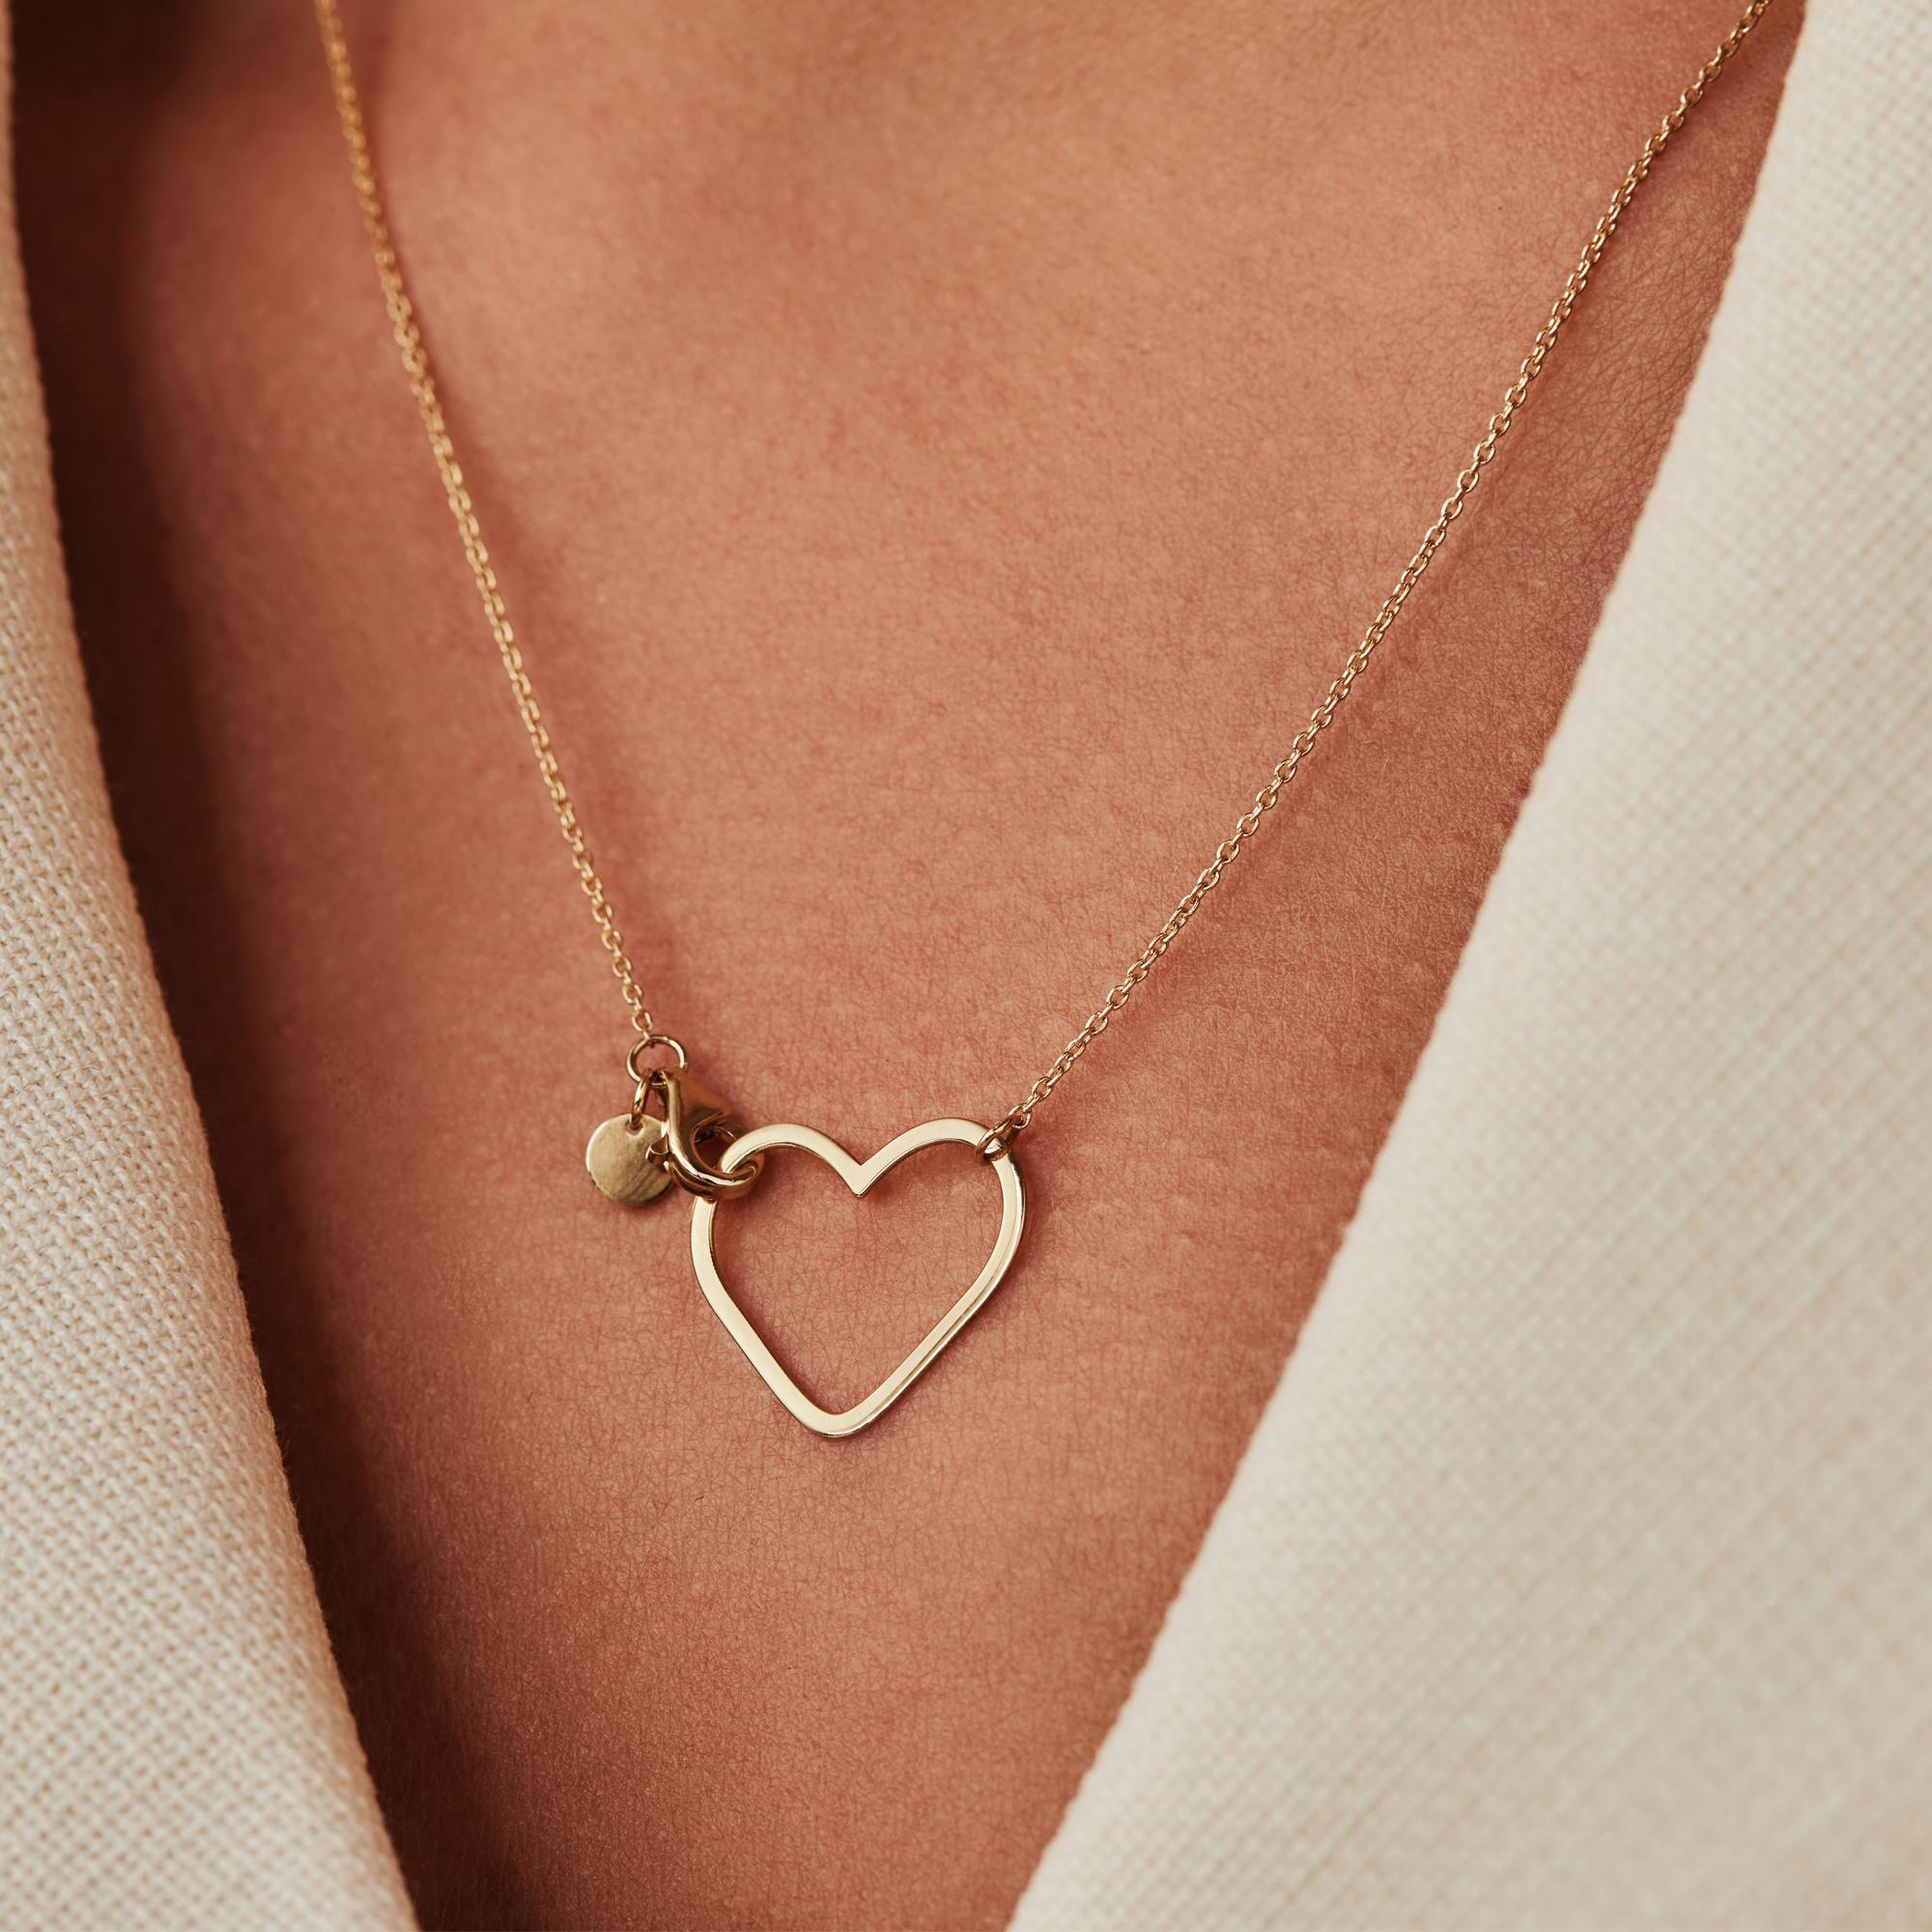 Isabel Bernard Belleville Amore 14 karaat gouden collier met hartje